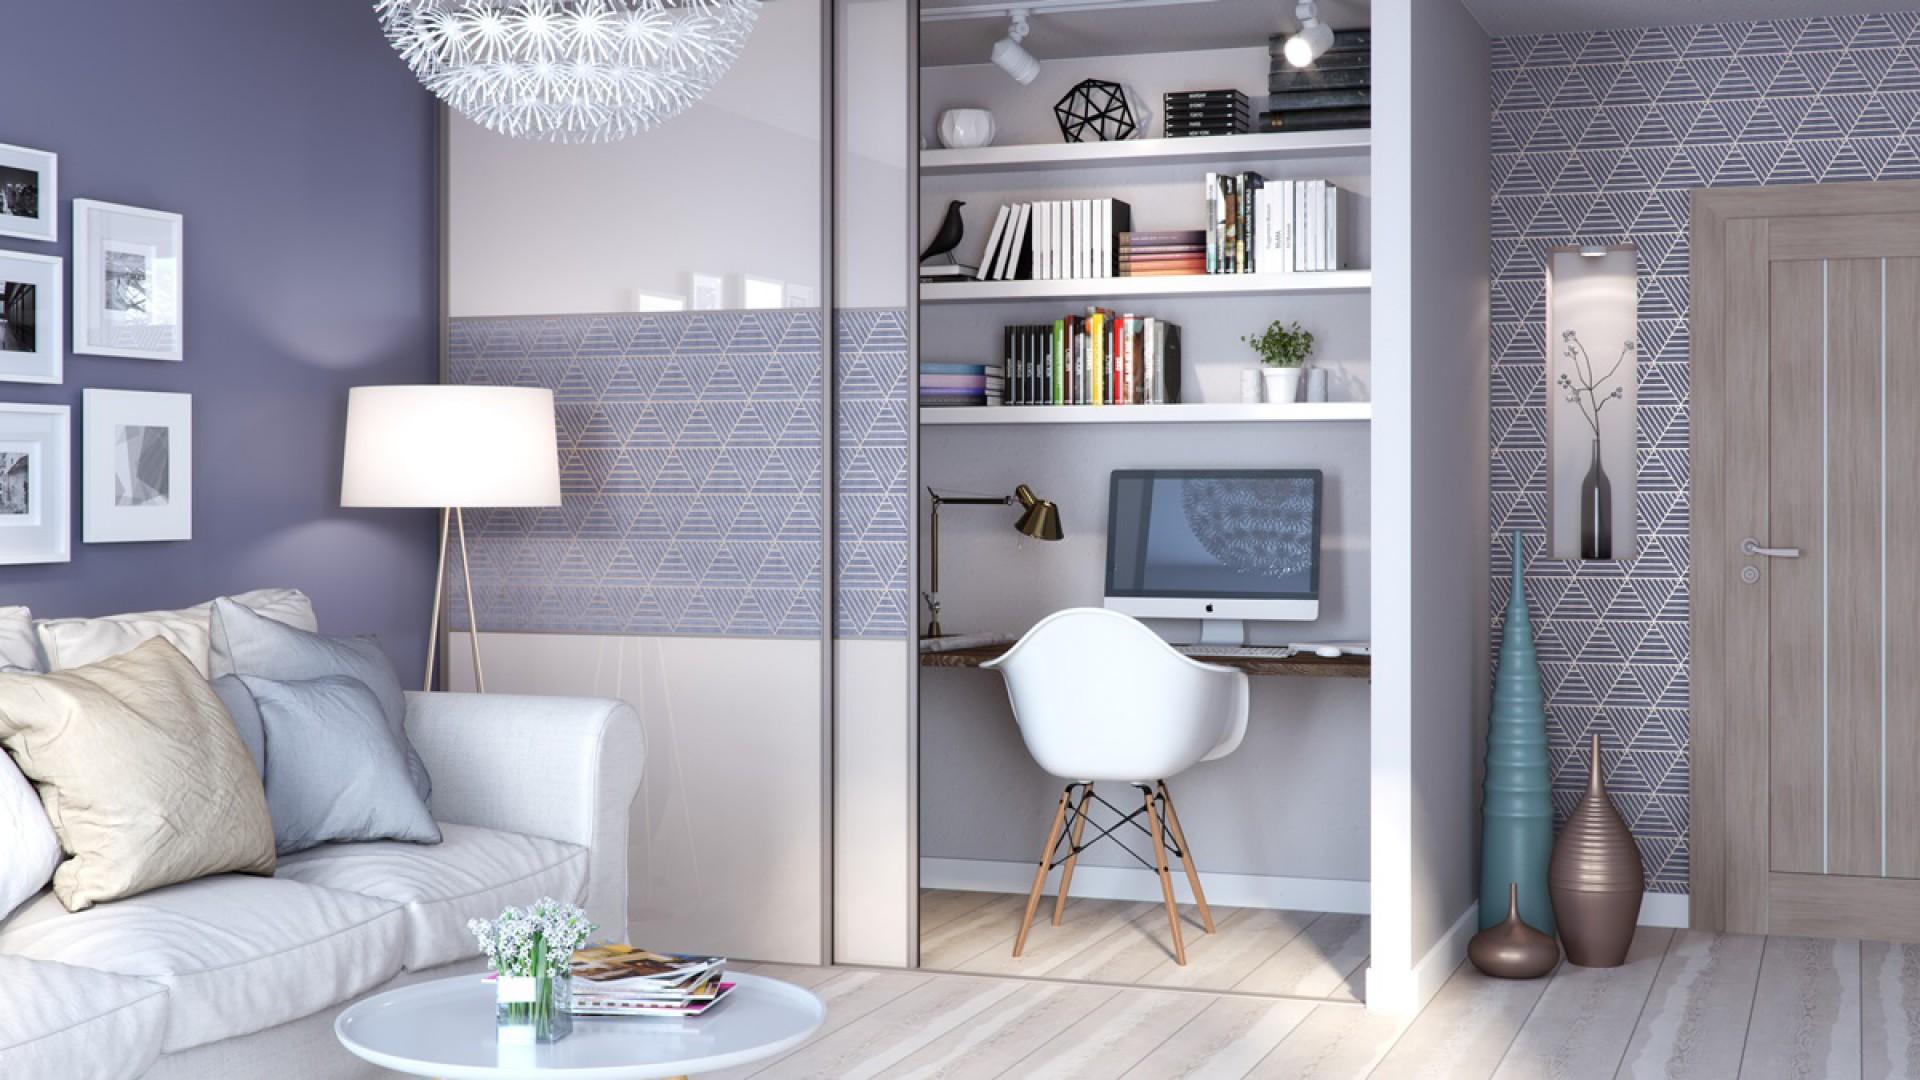 W salonie drzwi przesuwne mogą zakrywać półki z dokumentami czy pamiątkami lub biblioteczki. Fot. GTV